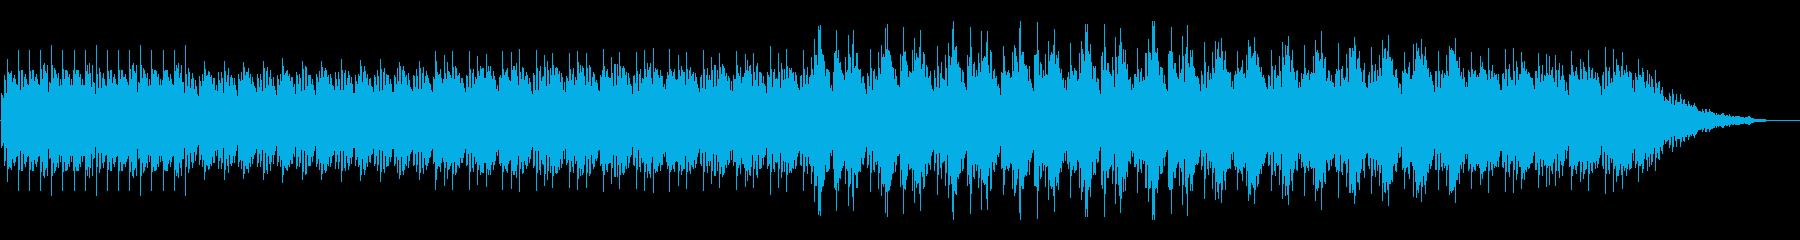 ミステリアスでアップテンポのテクノの再生済みの波形